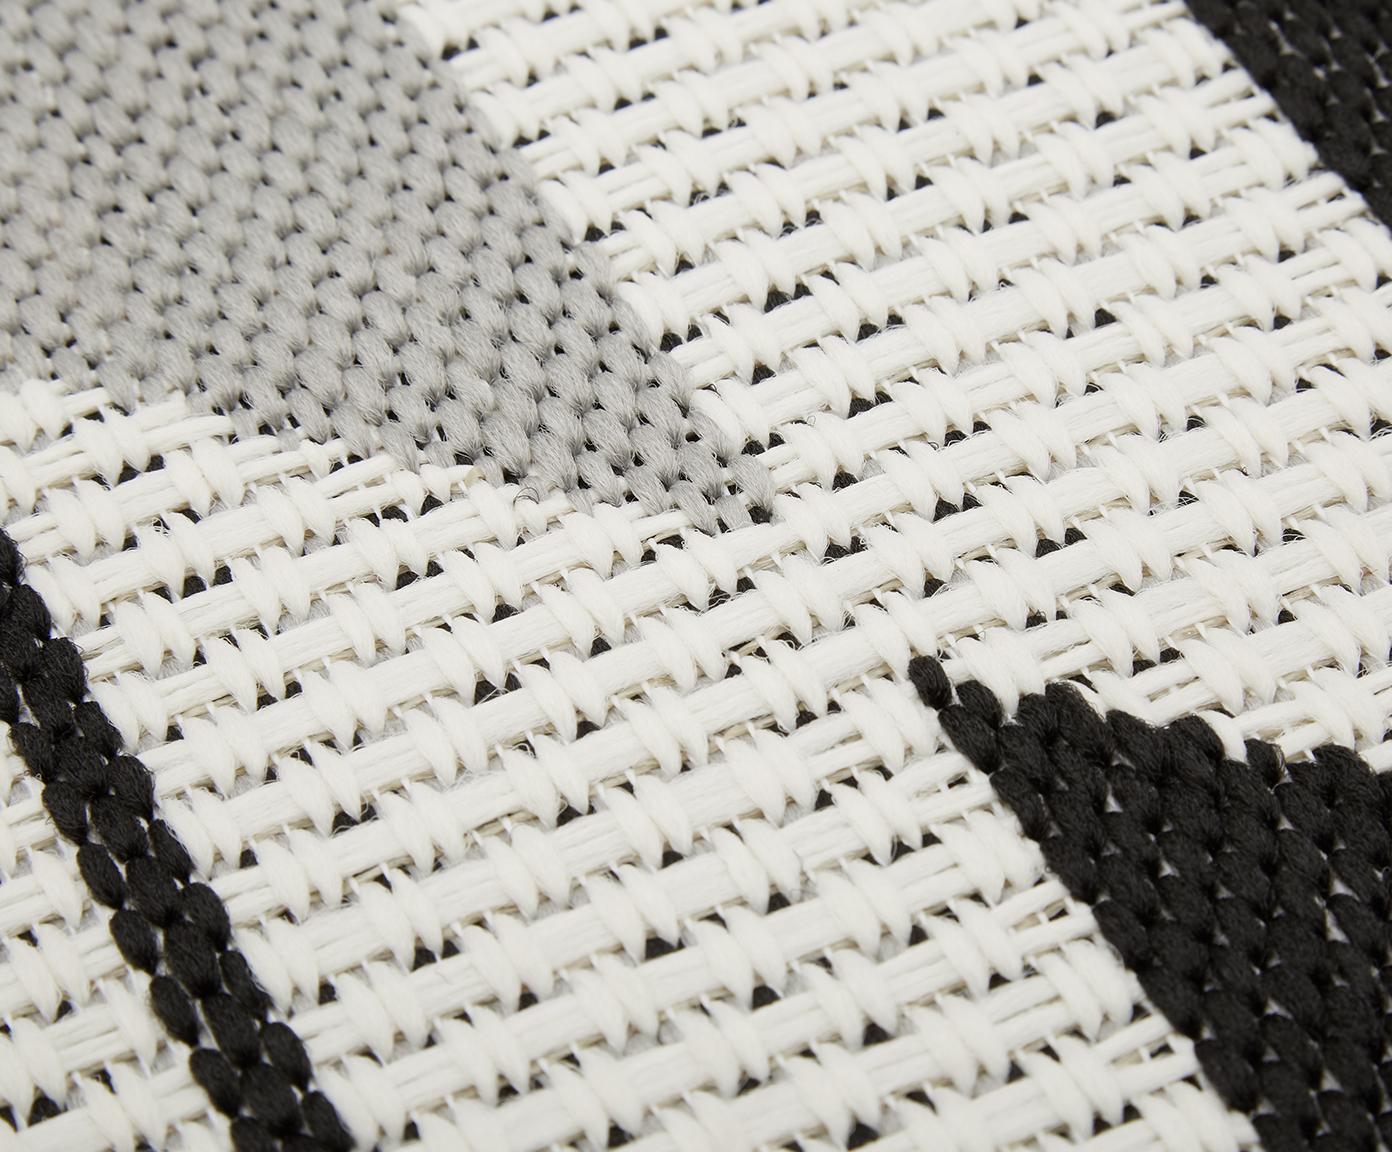 Dywan wewnętrzny/zewnętrzny Ikat, Kremowobiały, czarny, szary, S 200 x D 290 cm (Rozmiar L)